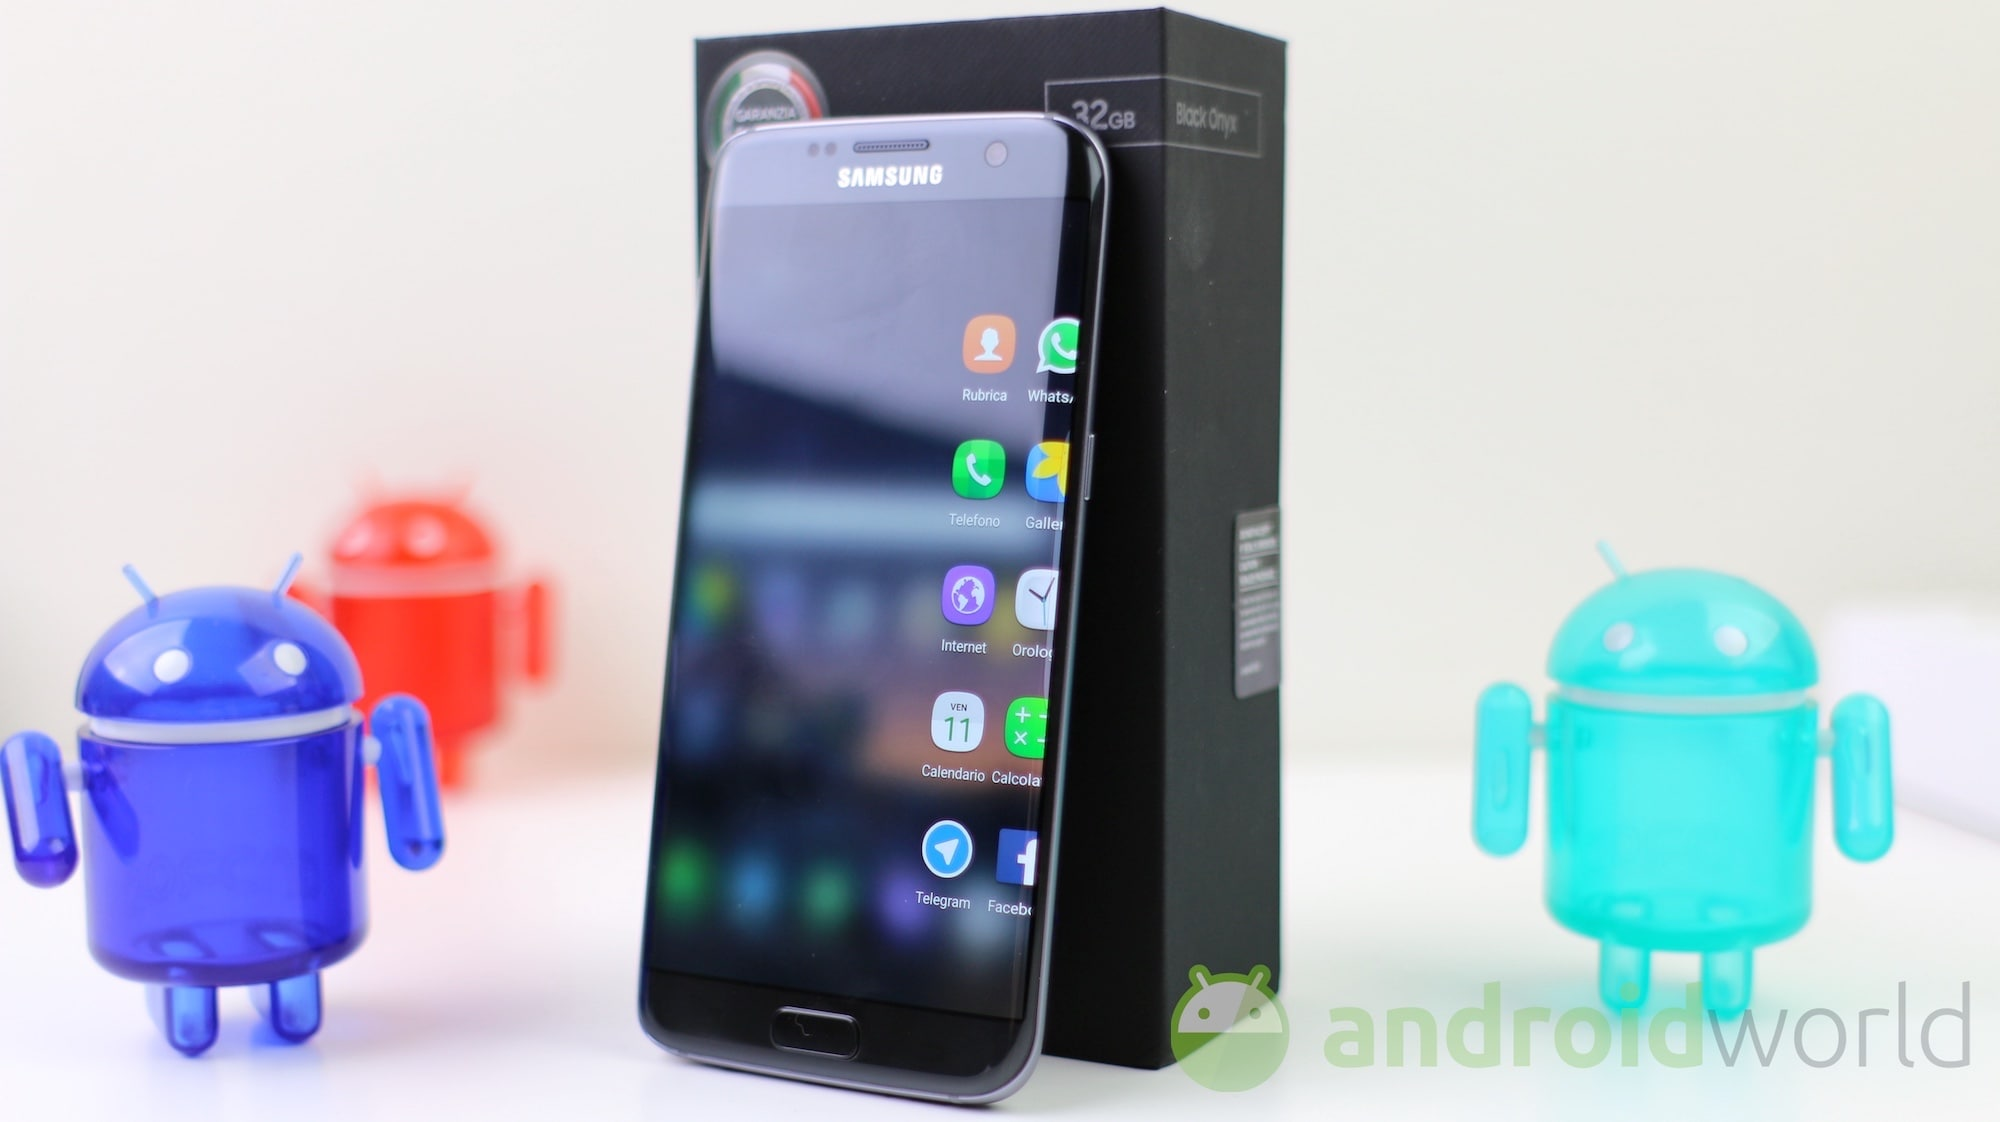 samsung galaxy s7 a rate tasso 0 con possibilit di passare a s8 androidworld. Black Bedroom Furniture Sets. Home Design Ideas